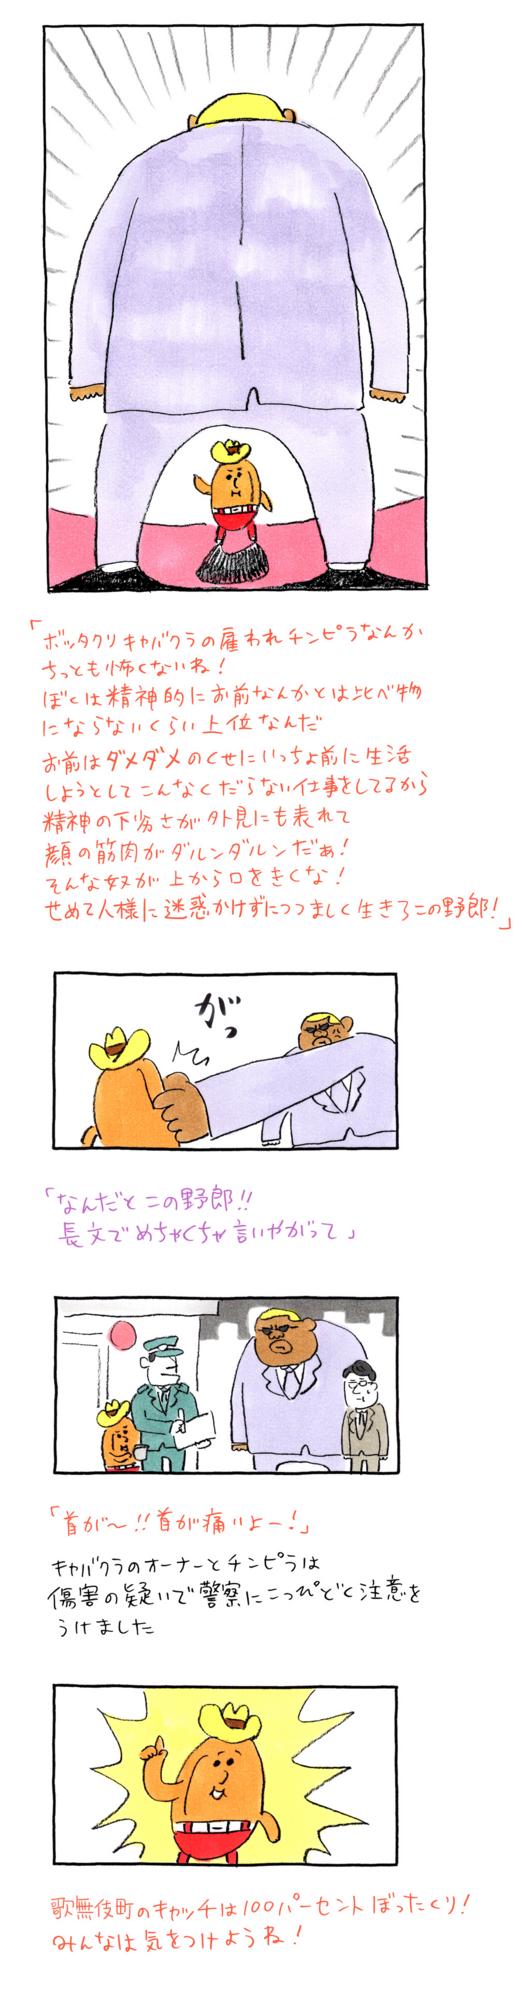 f:id:kakijiro:20160107101910j:plain